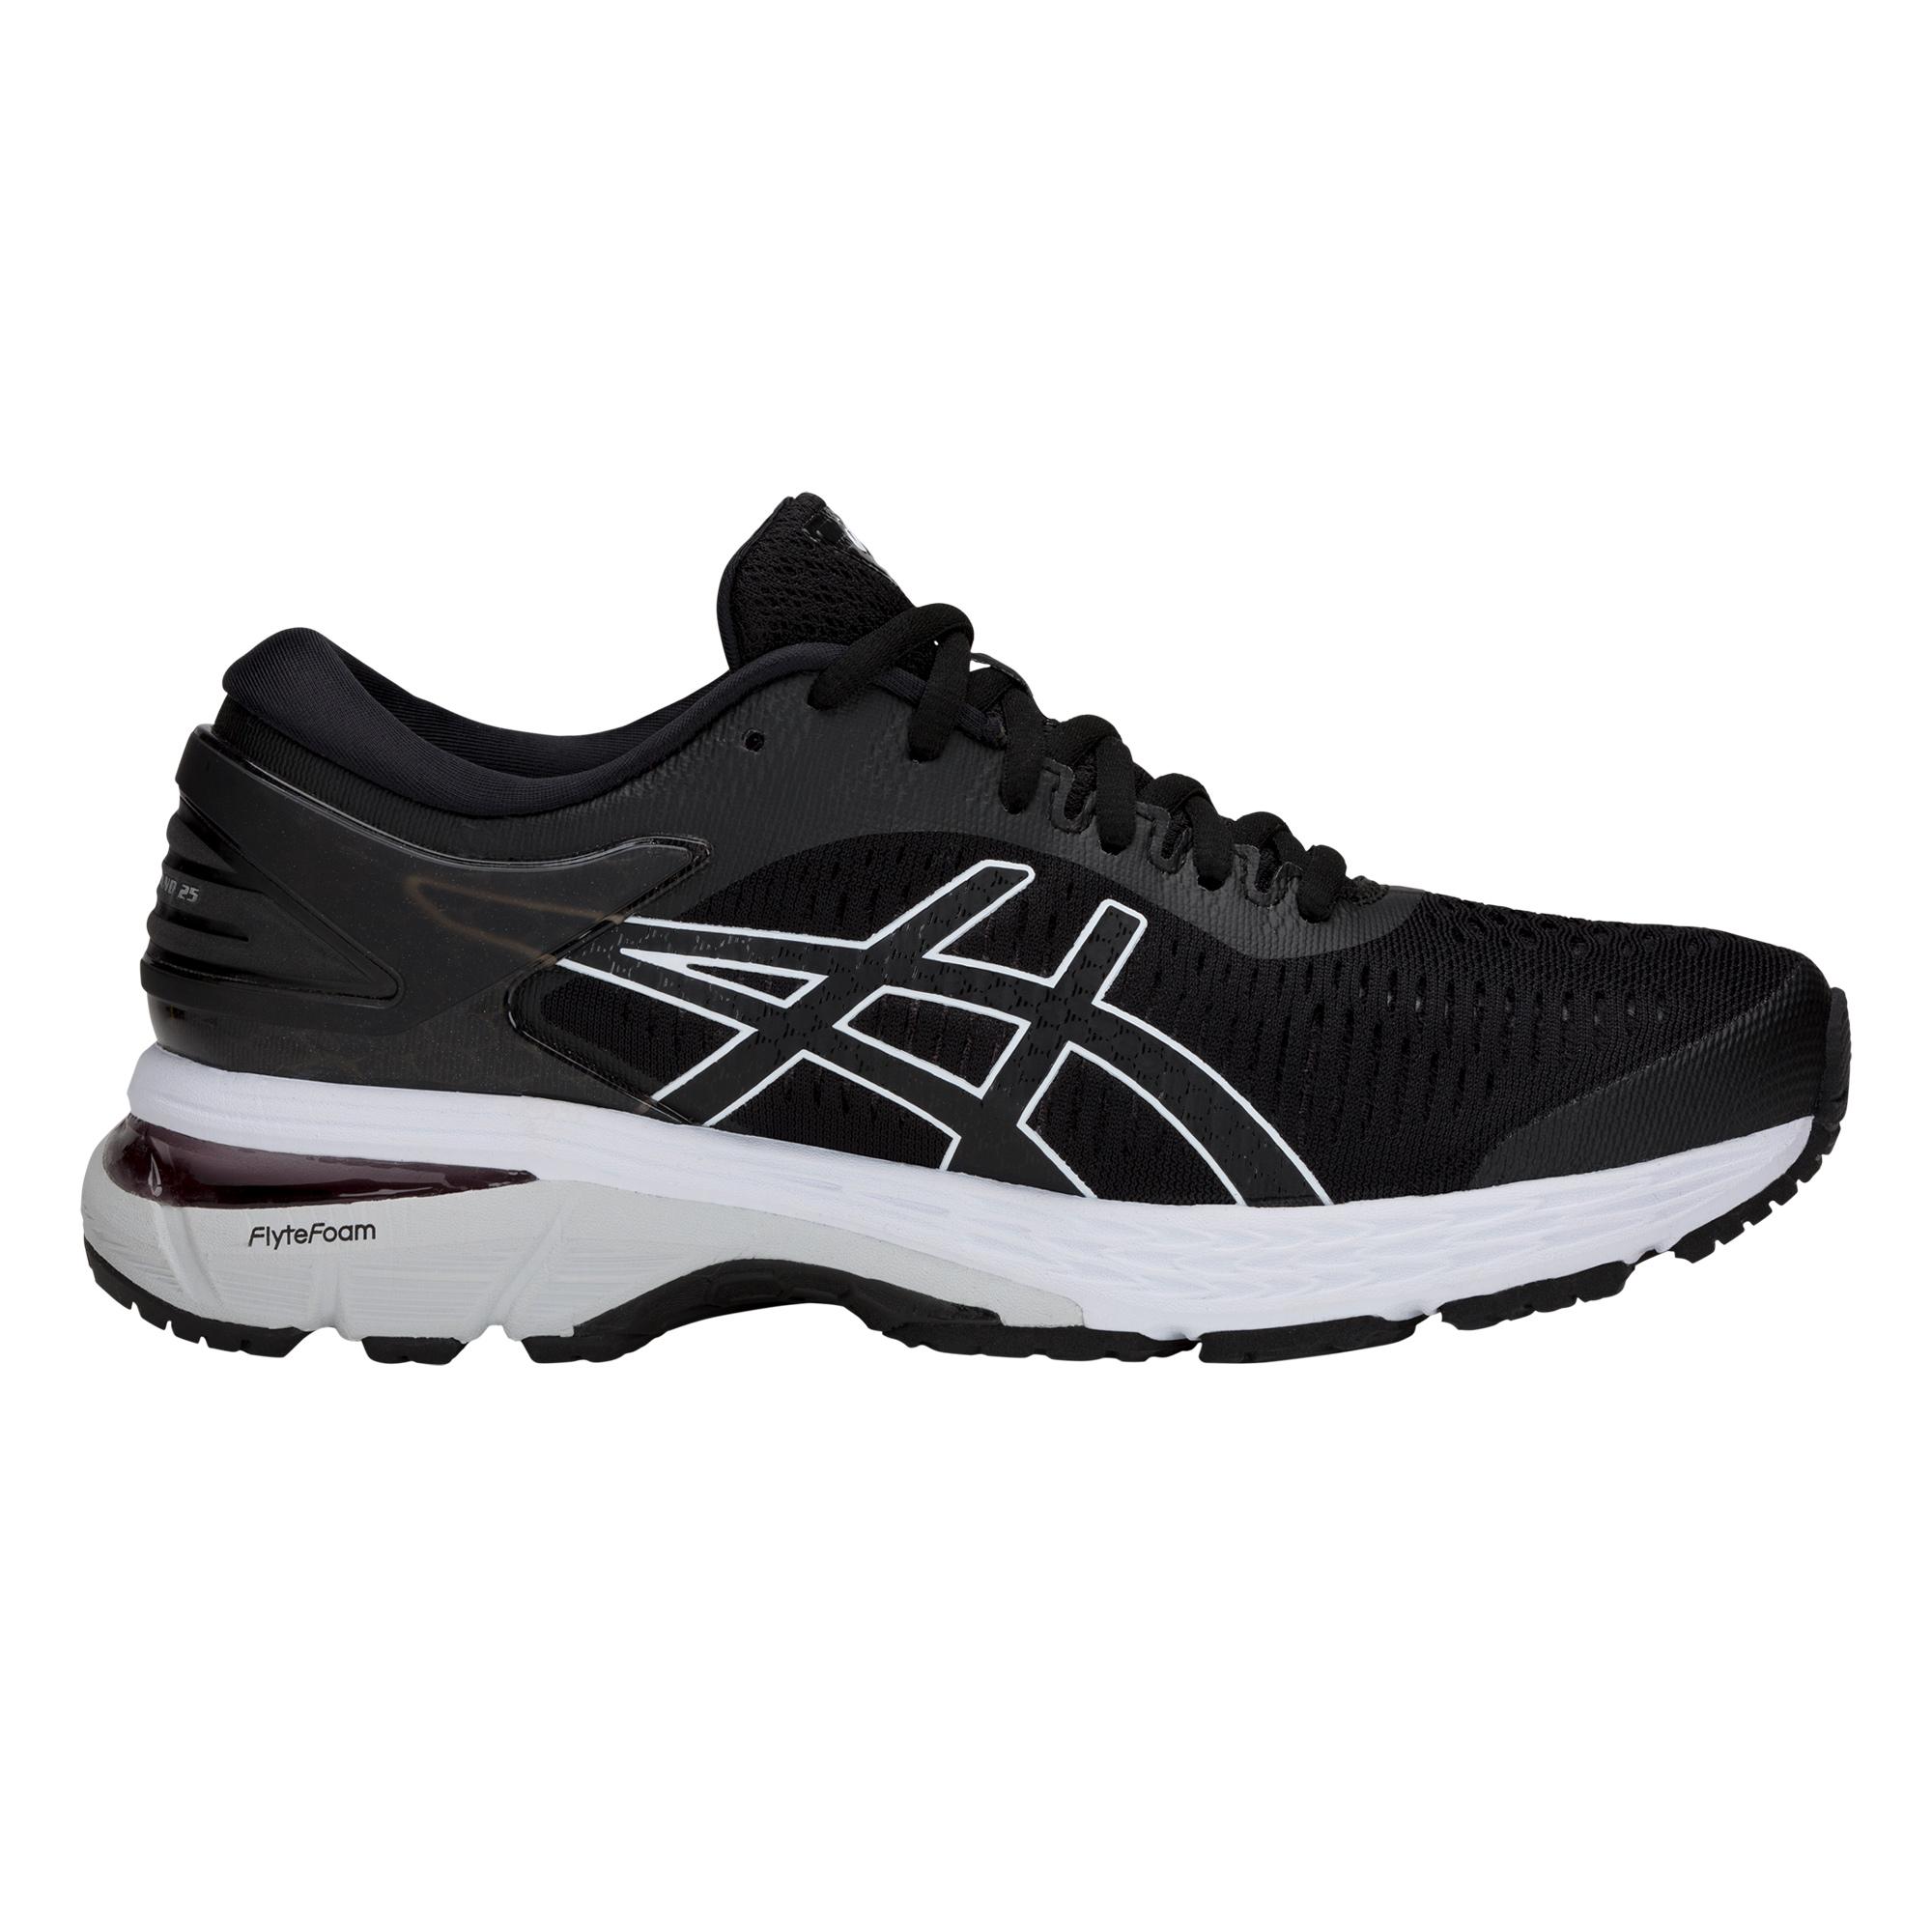 Asics Gel-Kayano 25 - Damen Laufschuhe Running Schuhe - 1012A026-003 schwarz